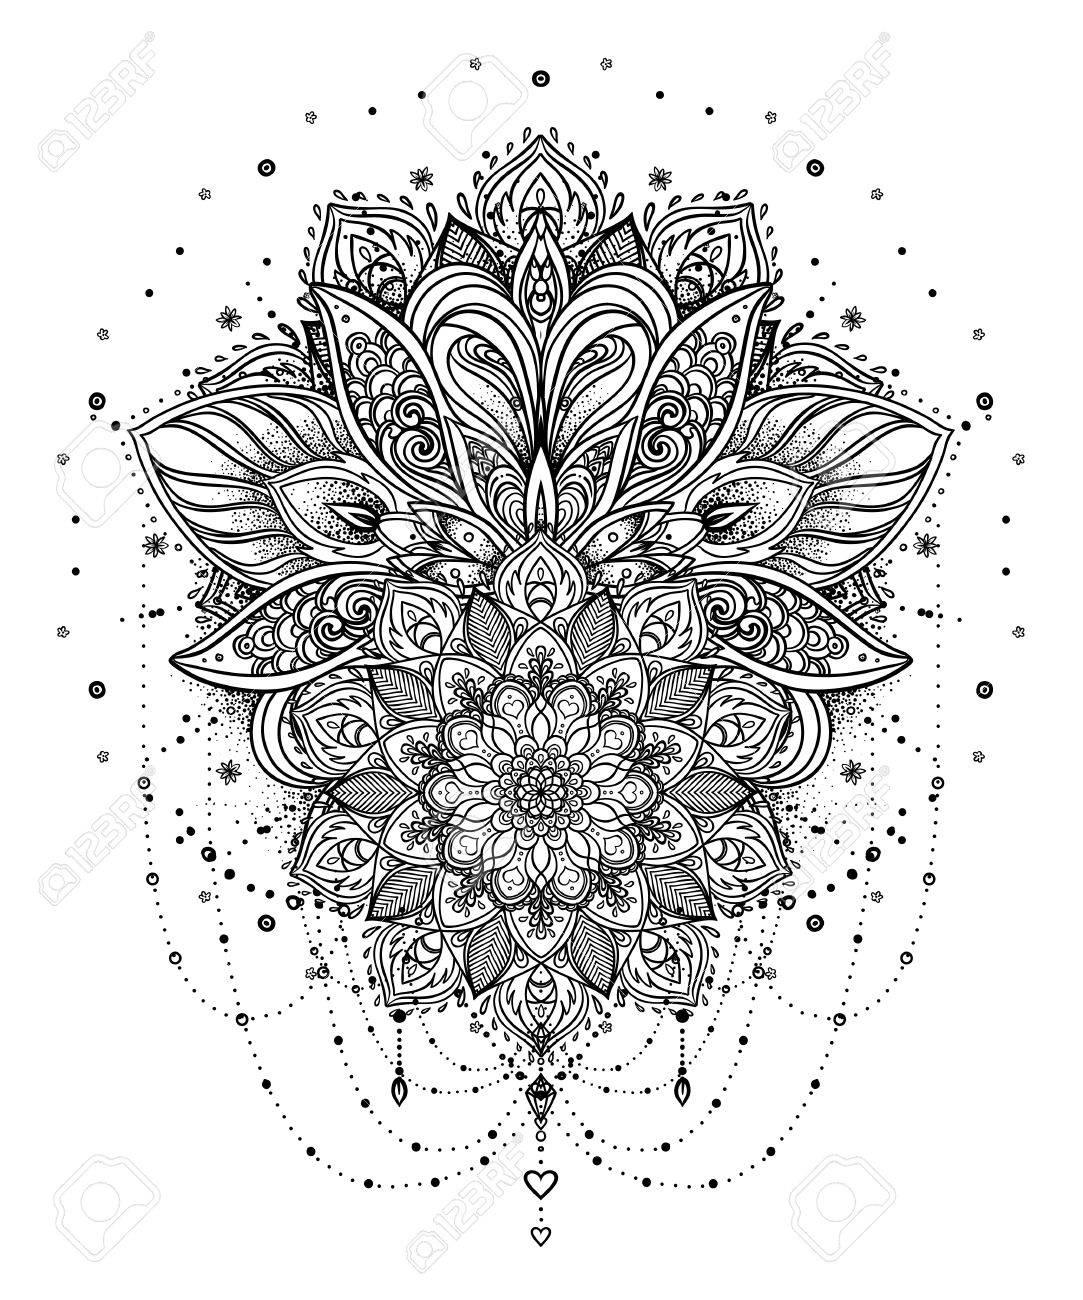 Vecteur De Fleur De Lotus Ornementale Oeil Tout A Vis Motif Indien Paisley Illustration Dessine A La Main Element De L Invitation Tatouage Astrologie Alchimie Boho Et Symbole Magique Livre Colorier Pour Adultes Clip Art